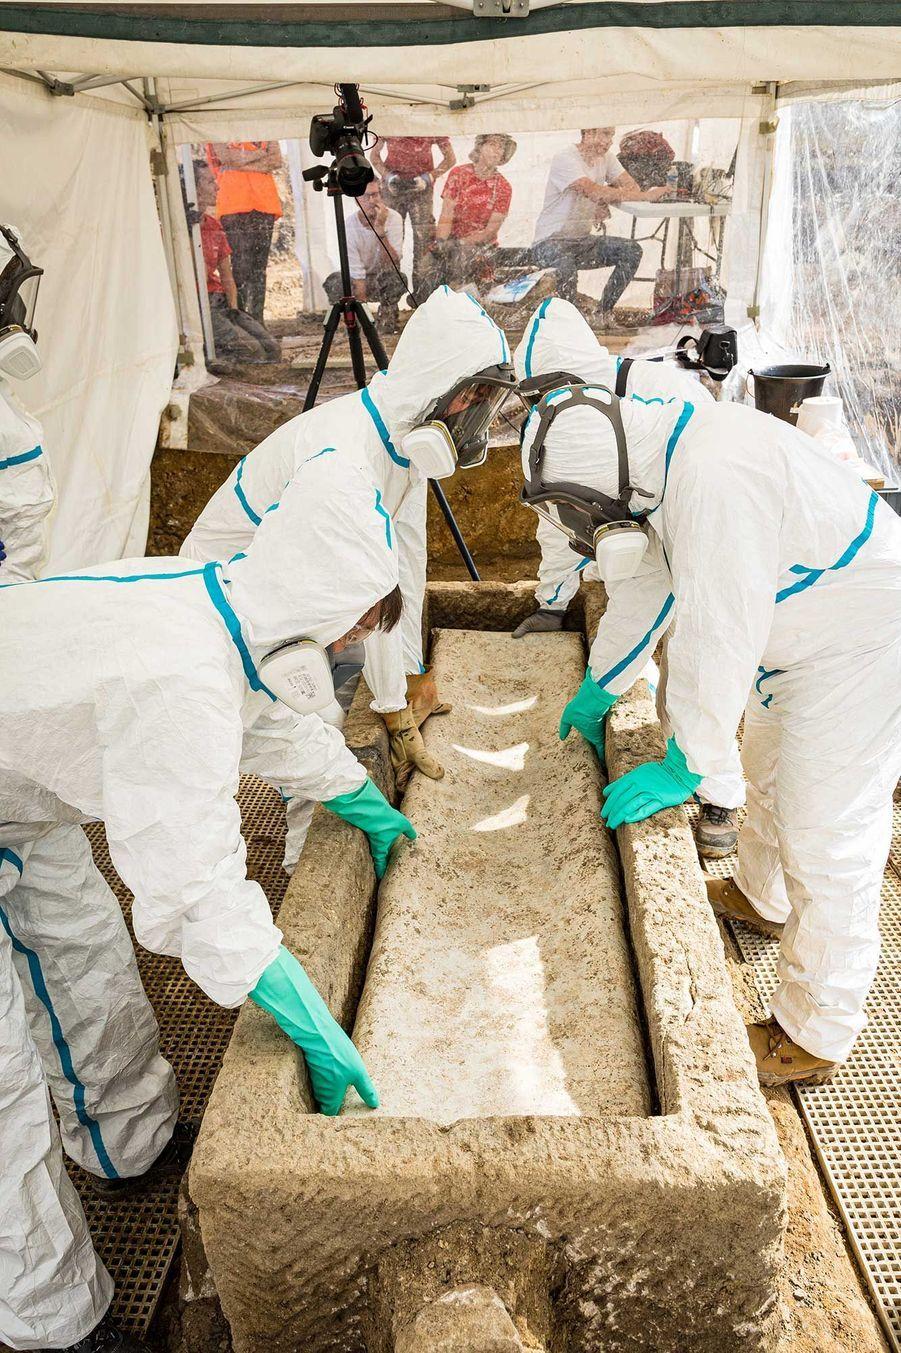 Ouverture du cercueil en plomb, dans des conditions sanitaires strictes